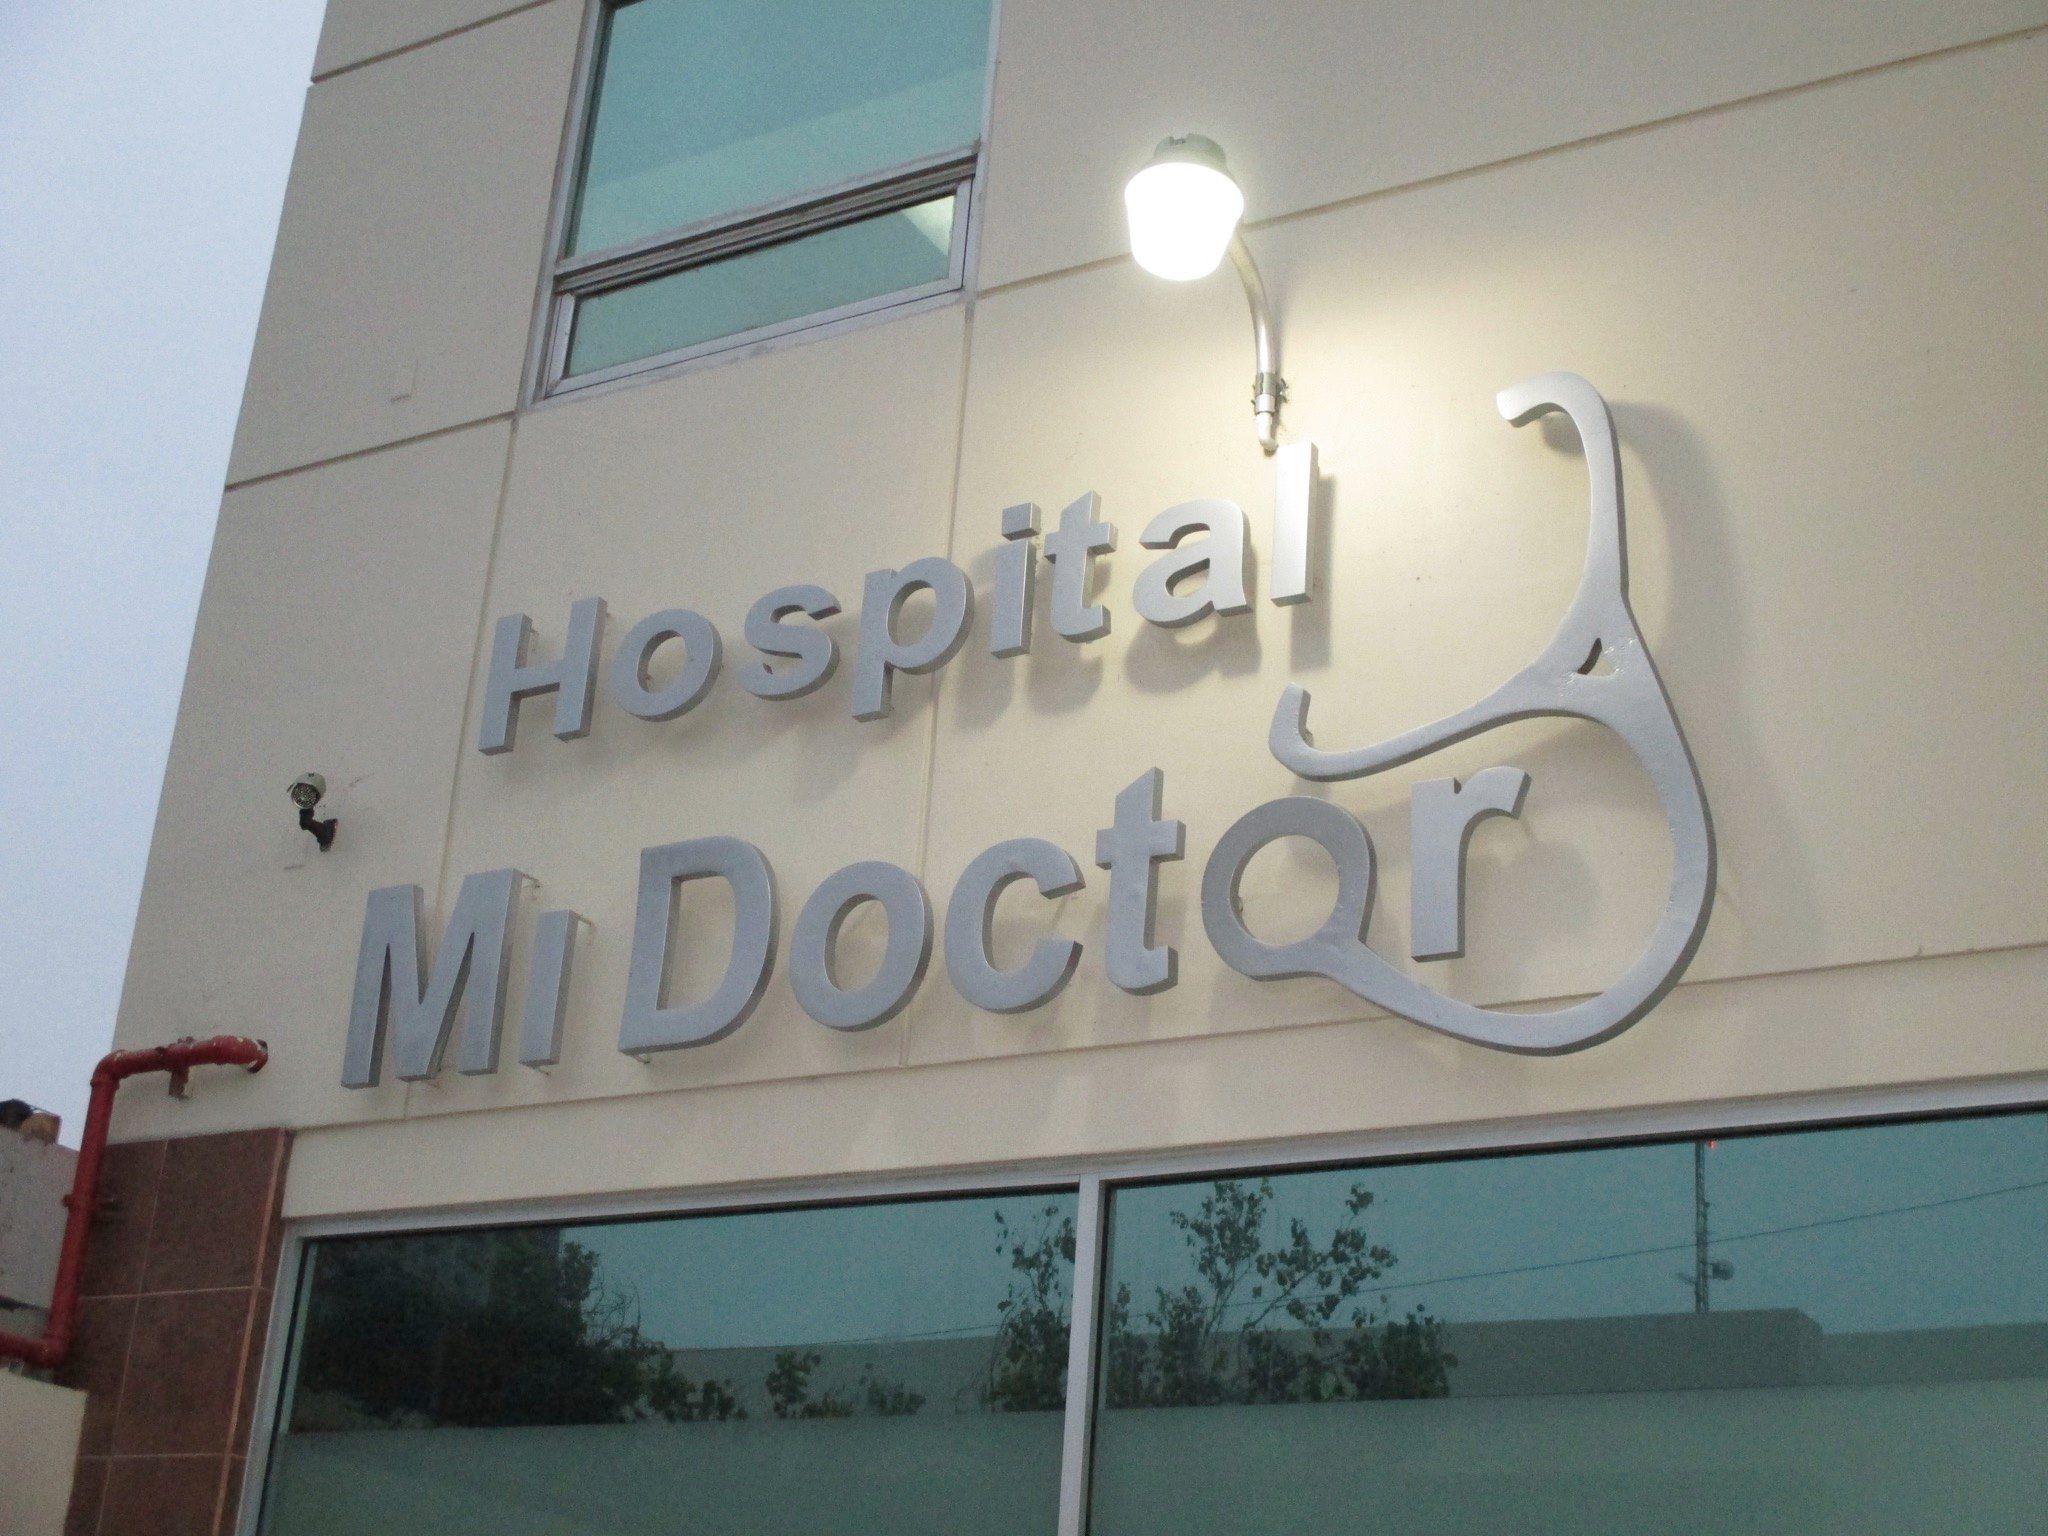 mi doctor hospital sign